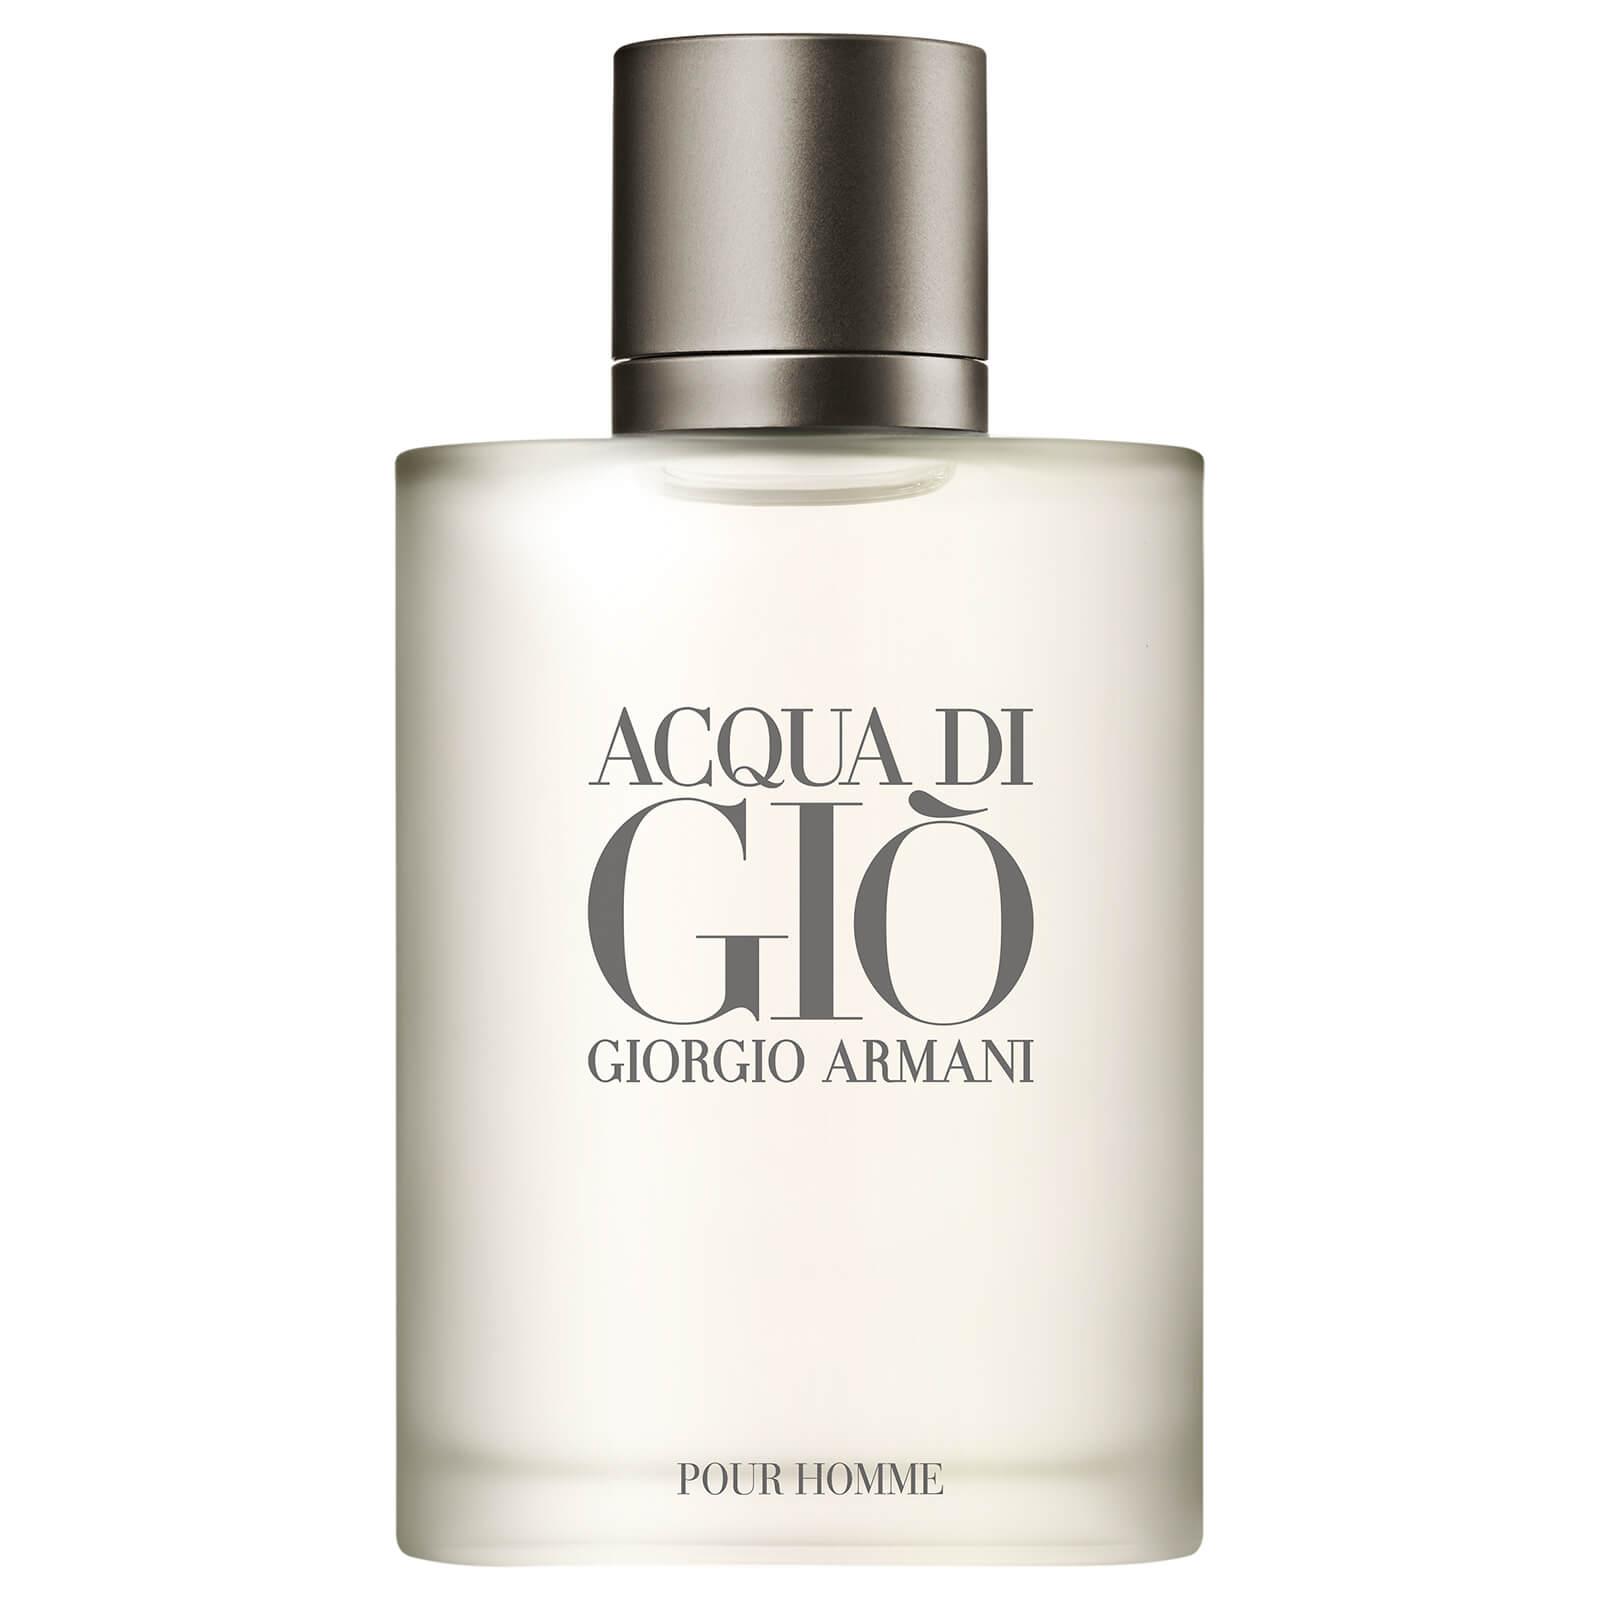 Giorgio Armani Acqua Di Gio Homme Eau De Toilette Free Shipping